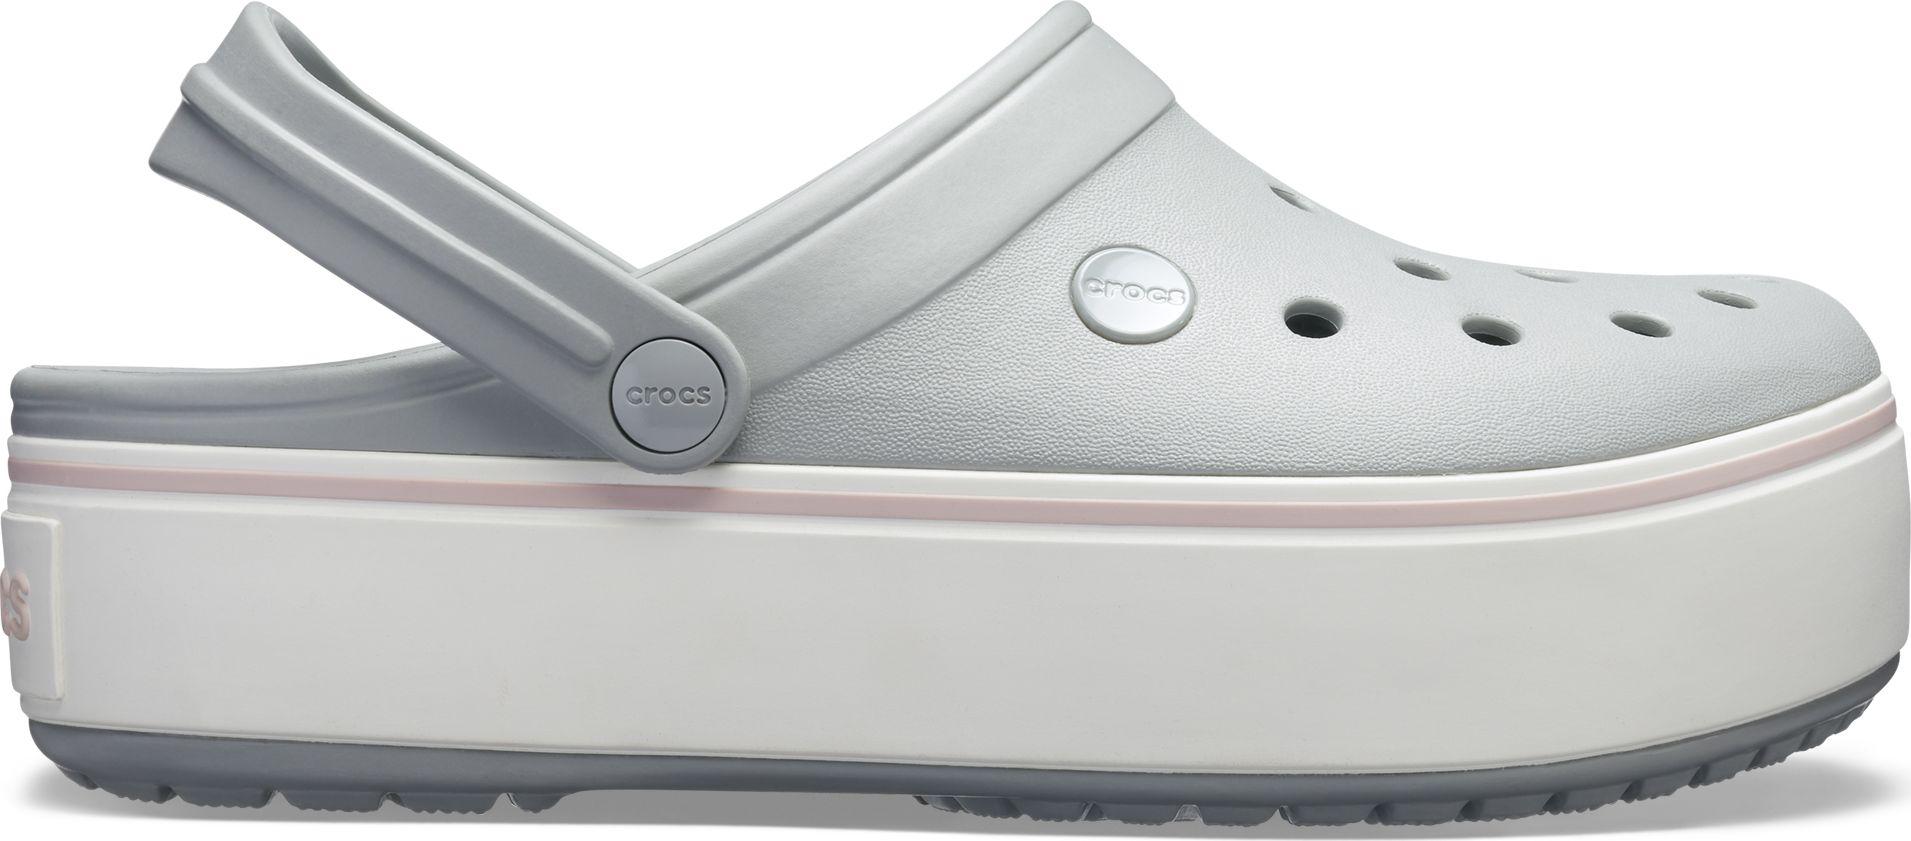 Darmowa dostawa klasyczne buty nowy styl życia Crocs™ Crocband Platform Clog | OPEN24.PL